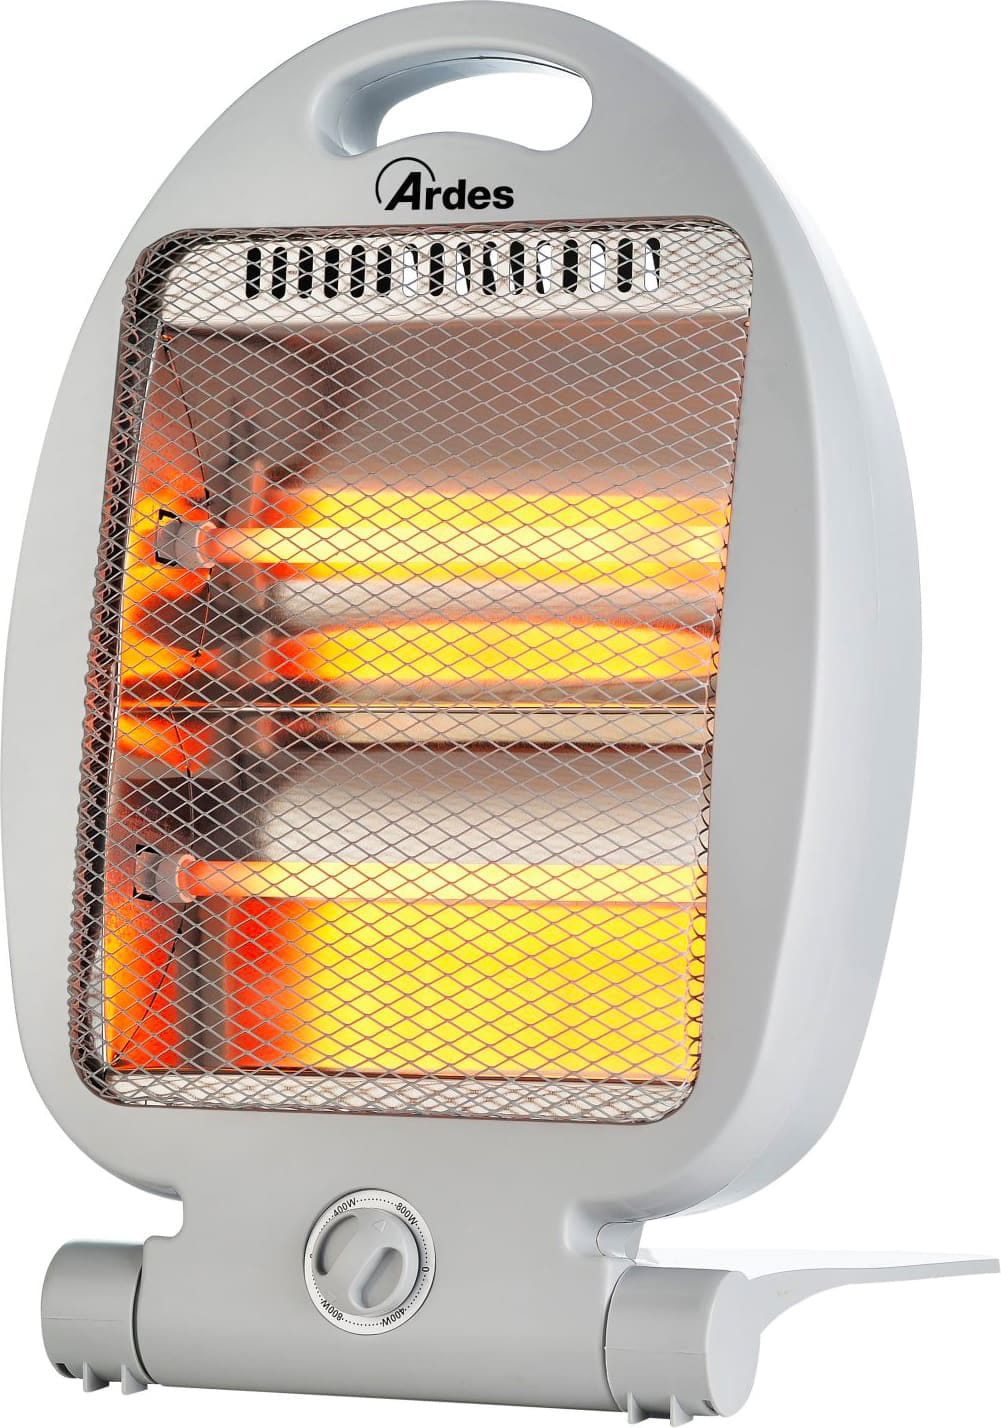 Stufa elettrica infrarossi ardes 435b prezzoforte 123008 - Stufa elettrica ad infrarossi ...